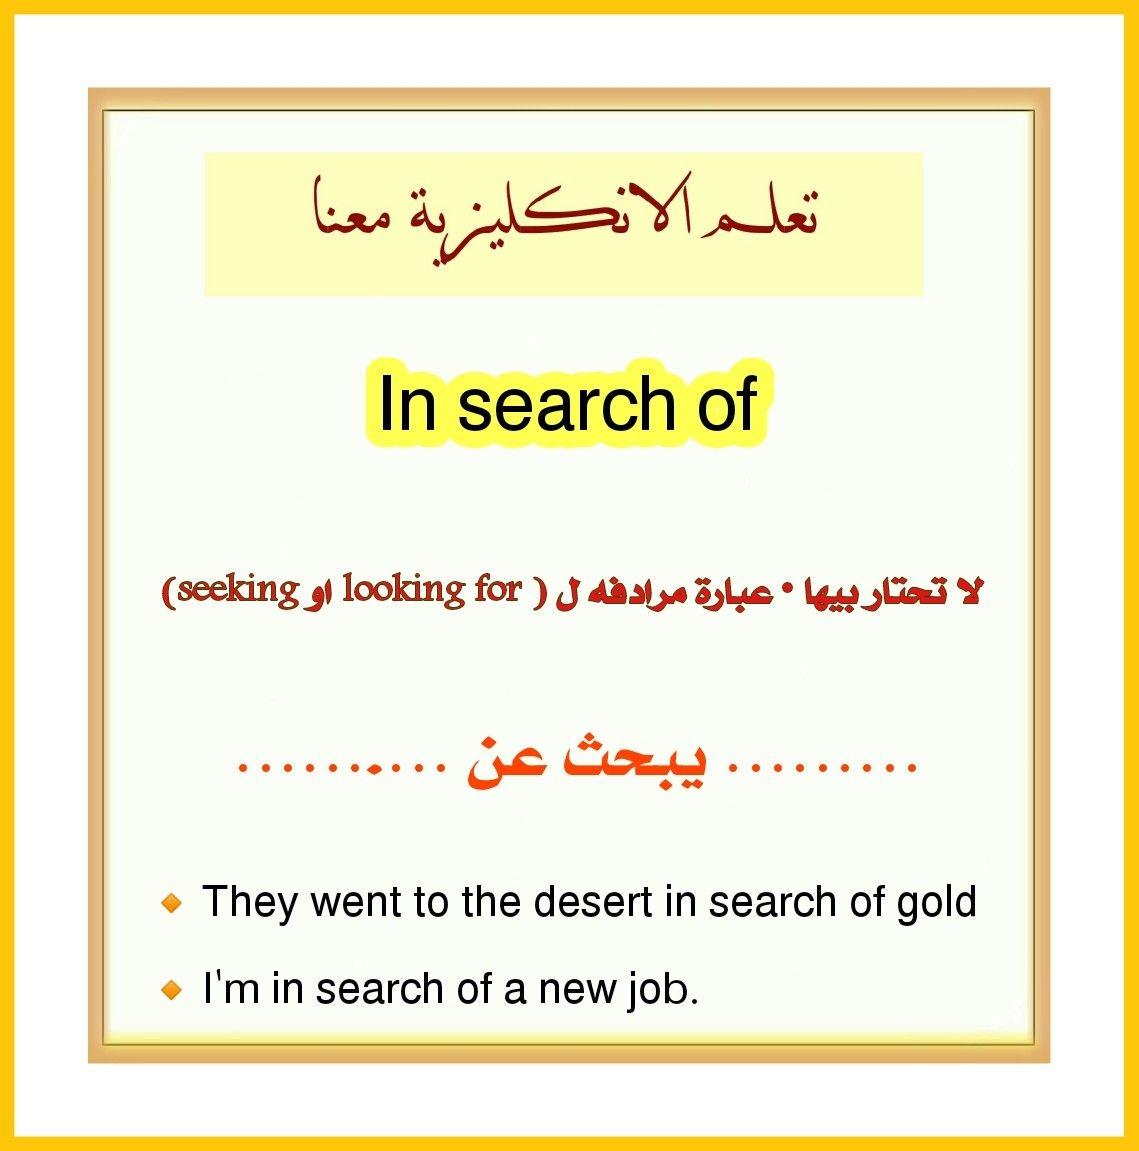 تعلم الانكليزية معنا English Words Learn English Learning Arabic